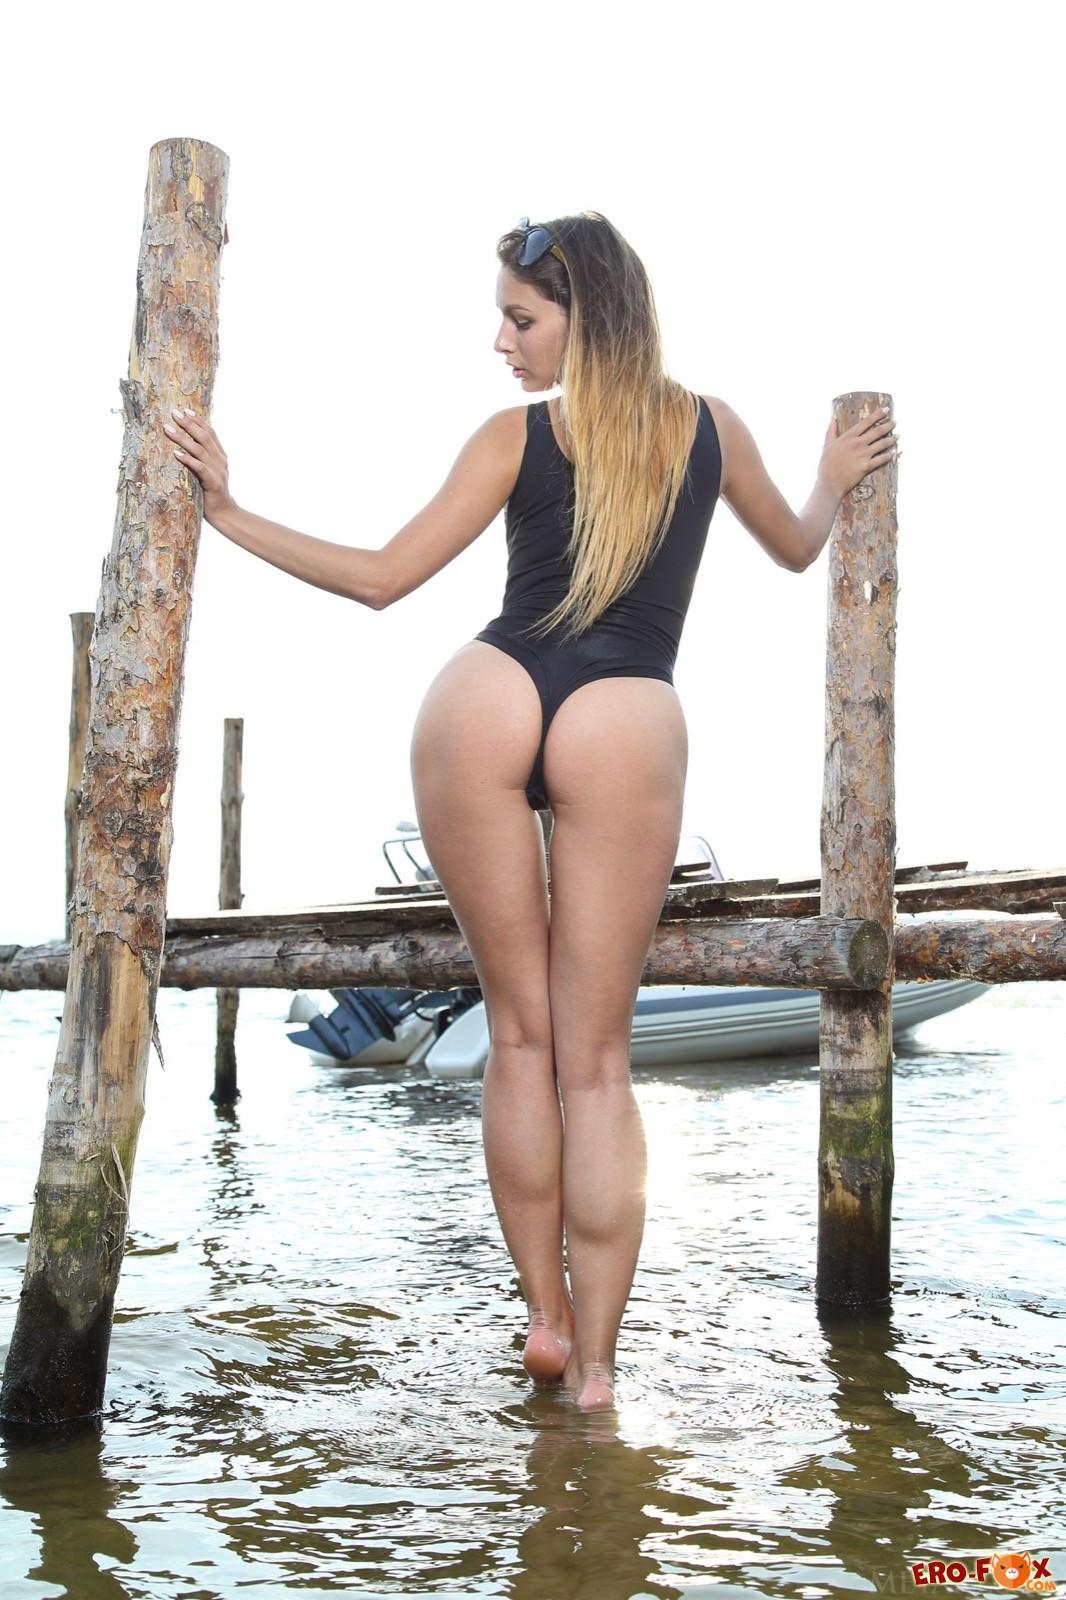 Сексапильная девушка в купальнике показала письку